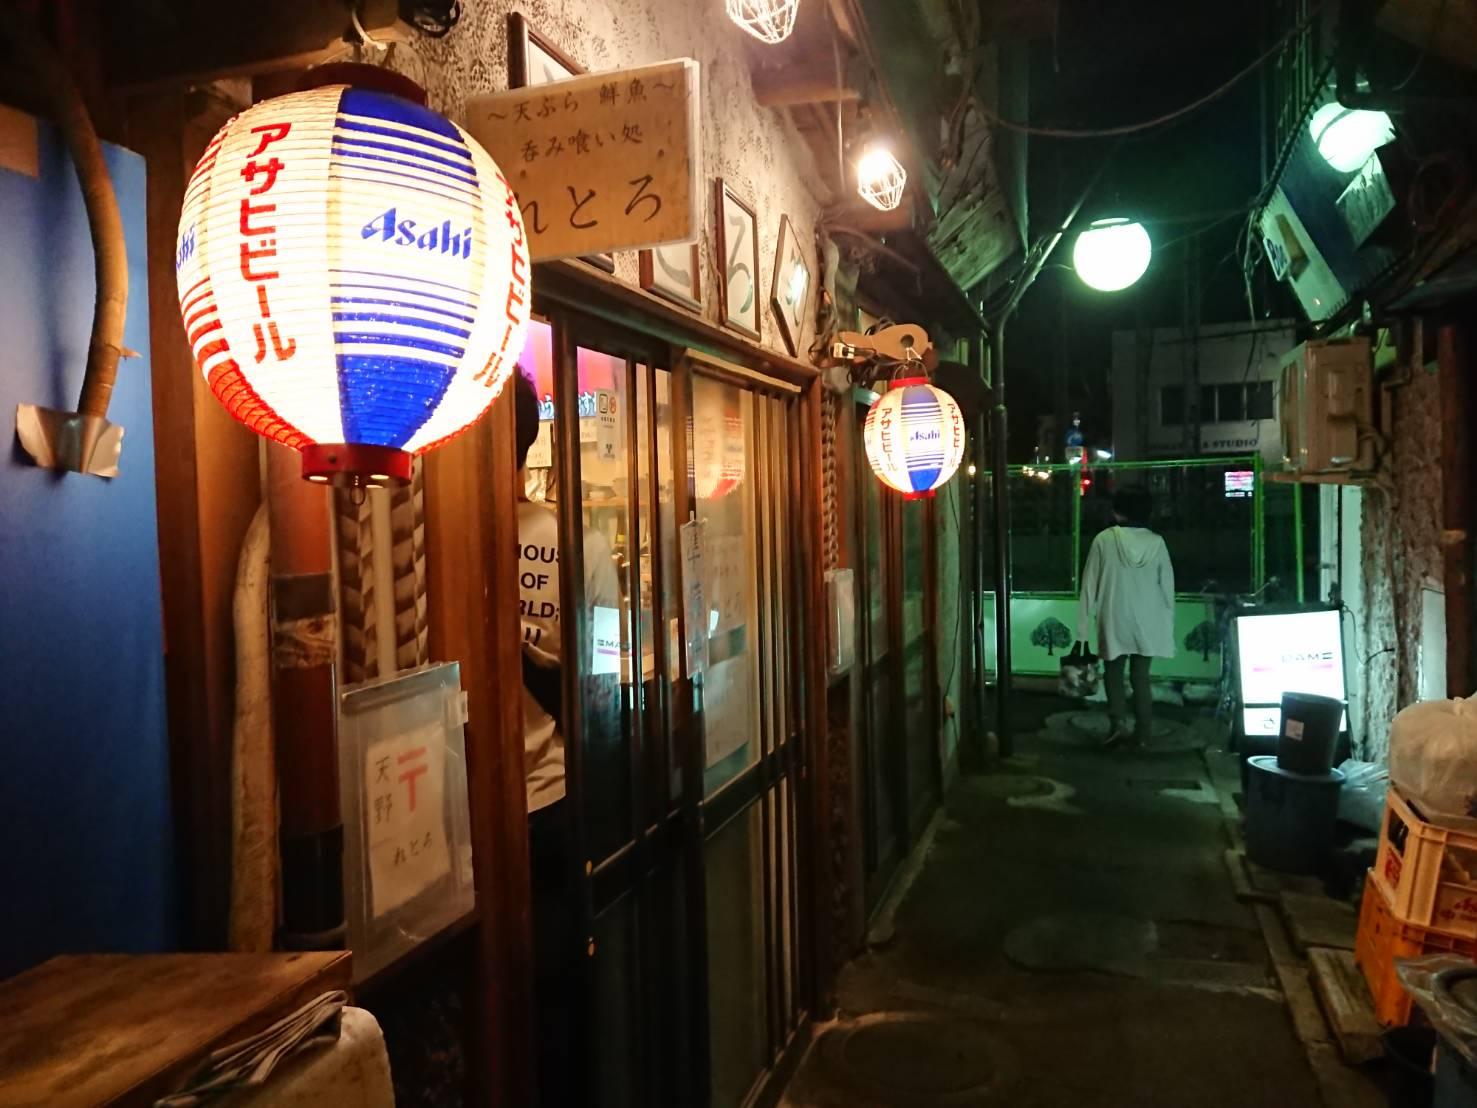 【立石】呑んべ横丁で昭和のディープな日本を感じるなら今が最後。